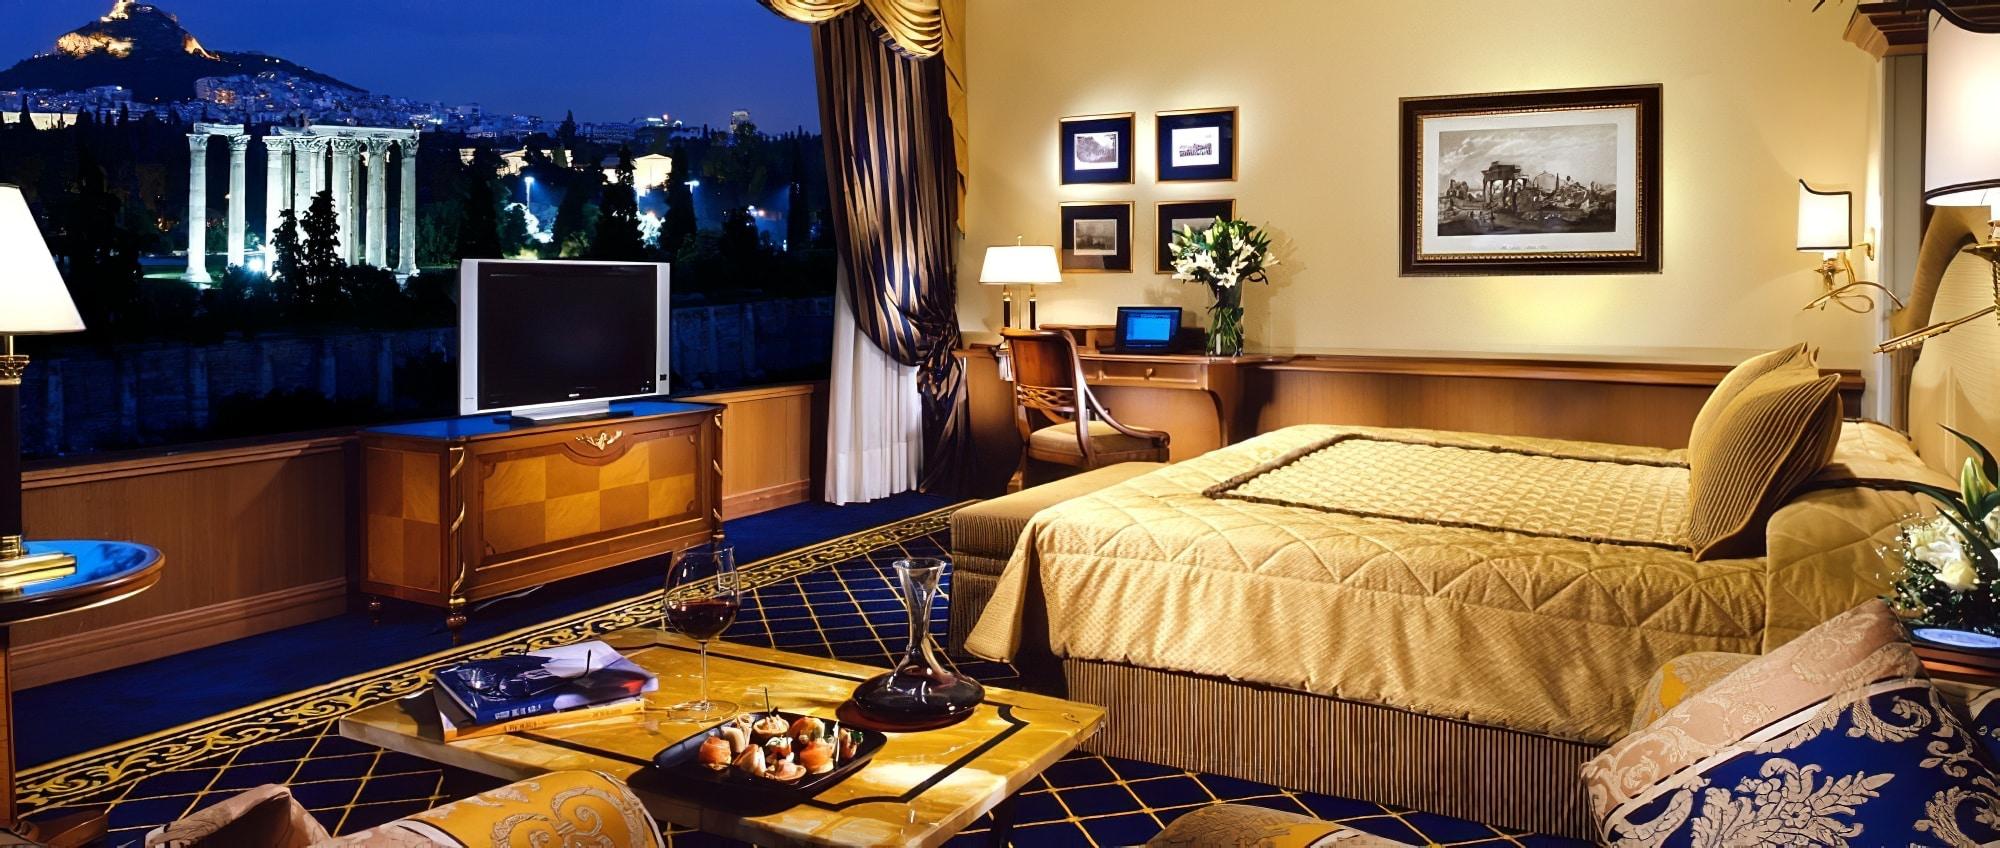 Quel est le meilleur moment pour réserver votre hôtel pour l'été ?